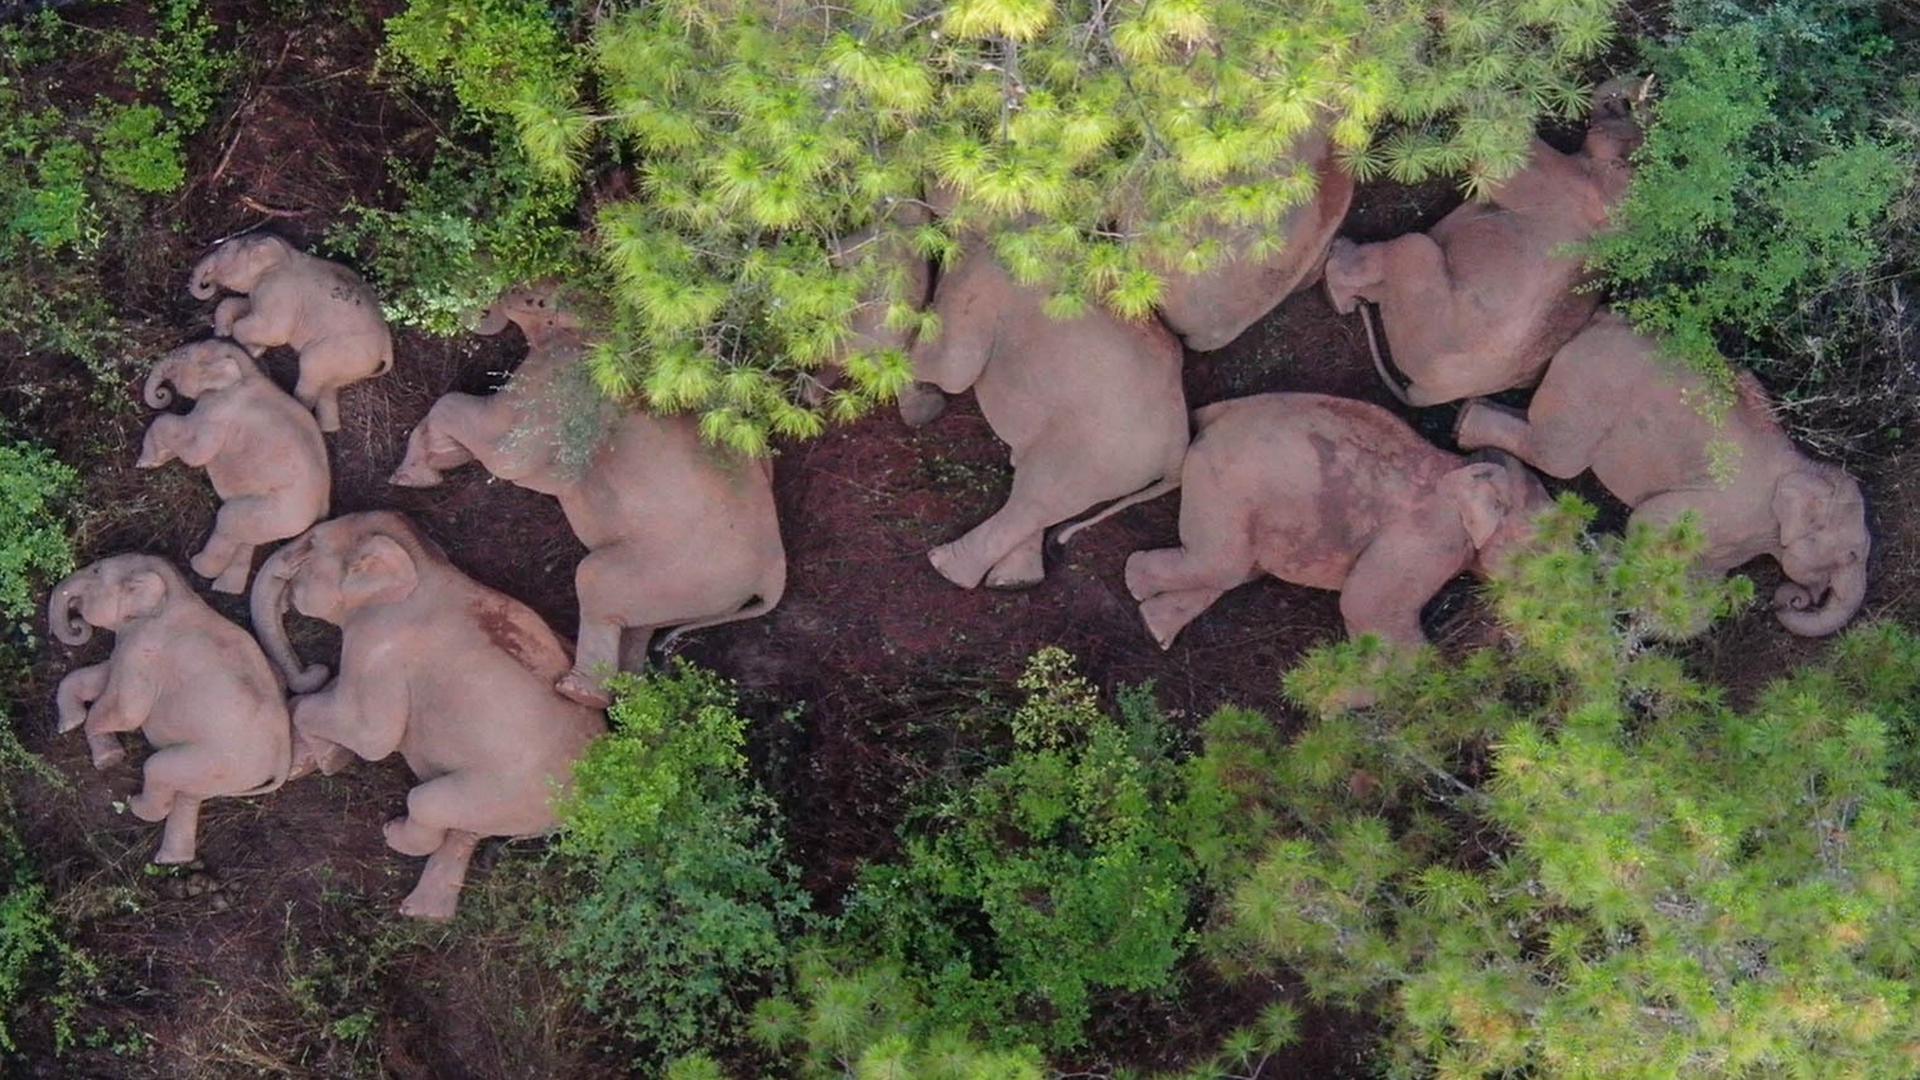 Eine Elefantenherde liegt am Boden und schläft.